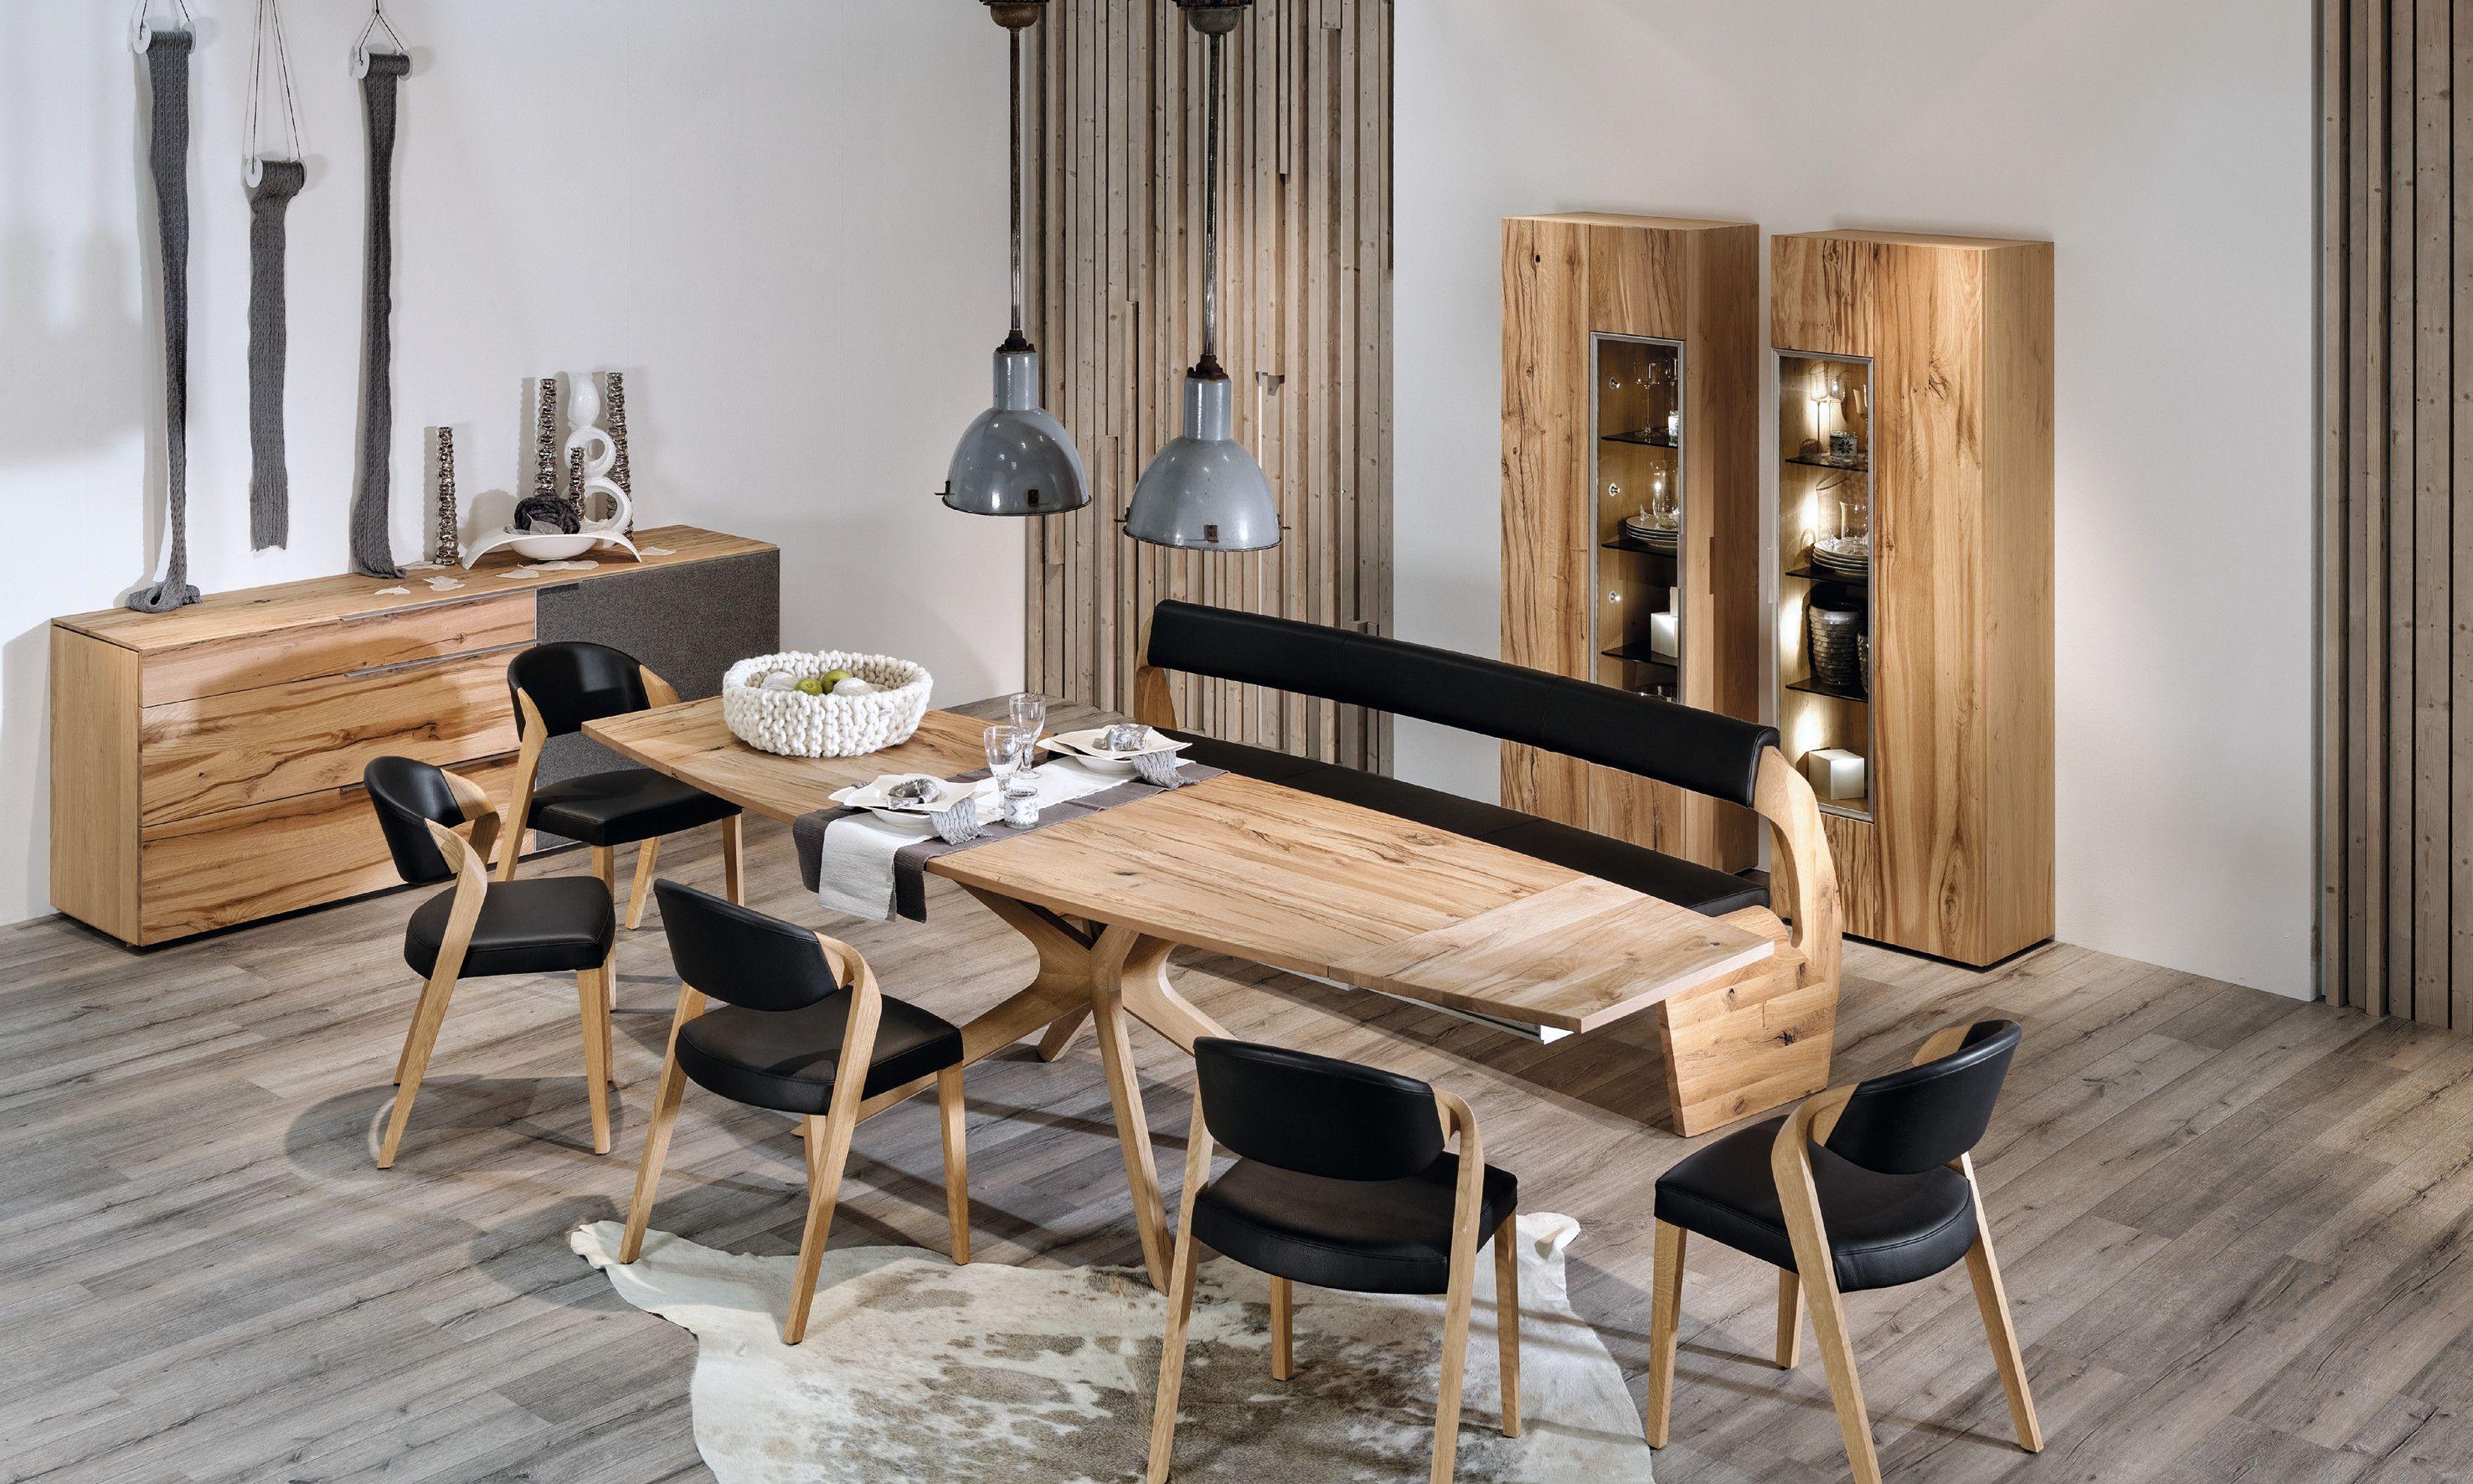 Esszimmermöbel hülsta  Creative Designs LLC huelsta Voglauer furniture | Esszimmer ...